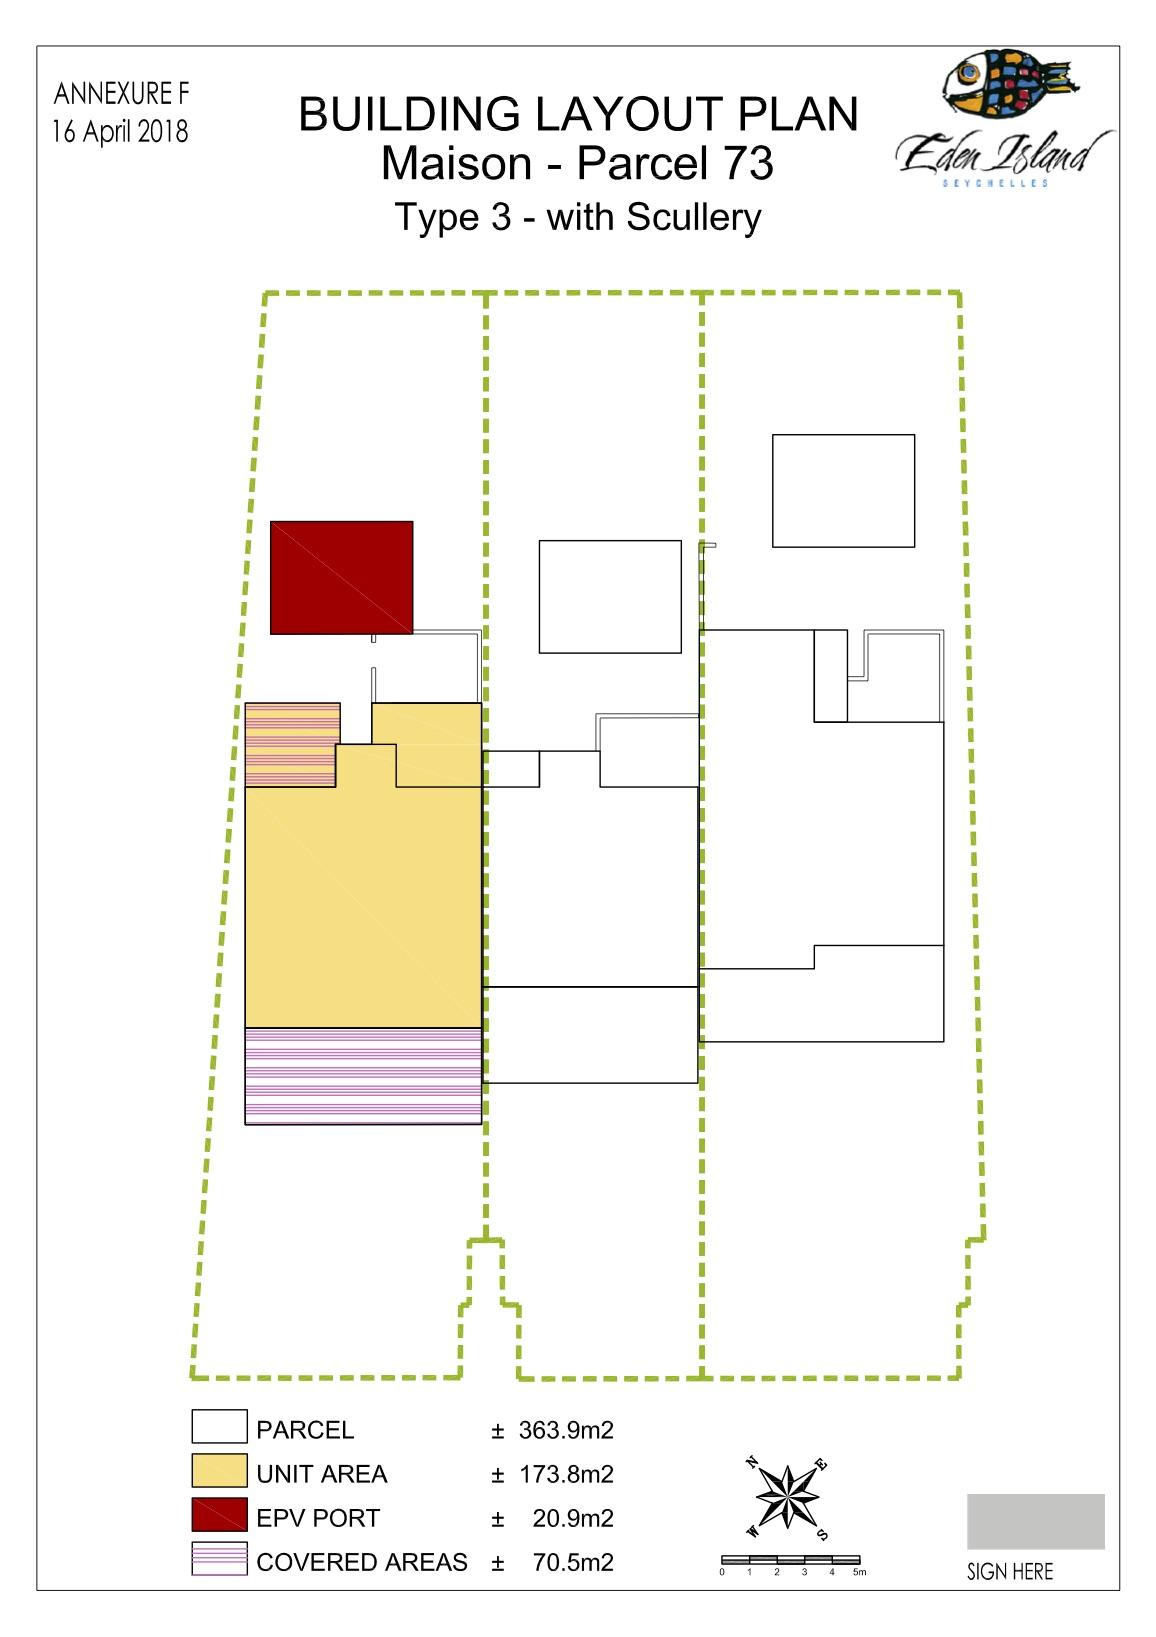 Thumb parcel 73 annex f 16042018